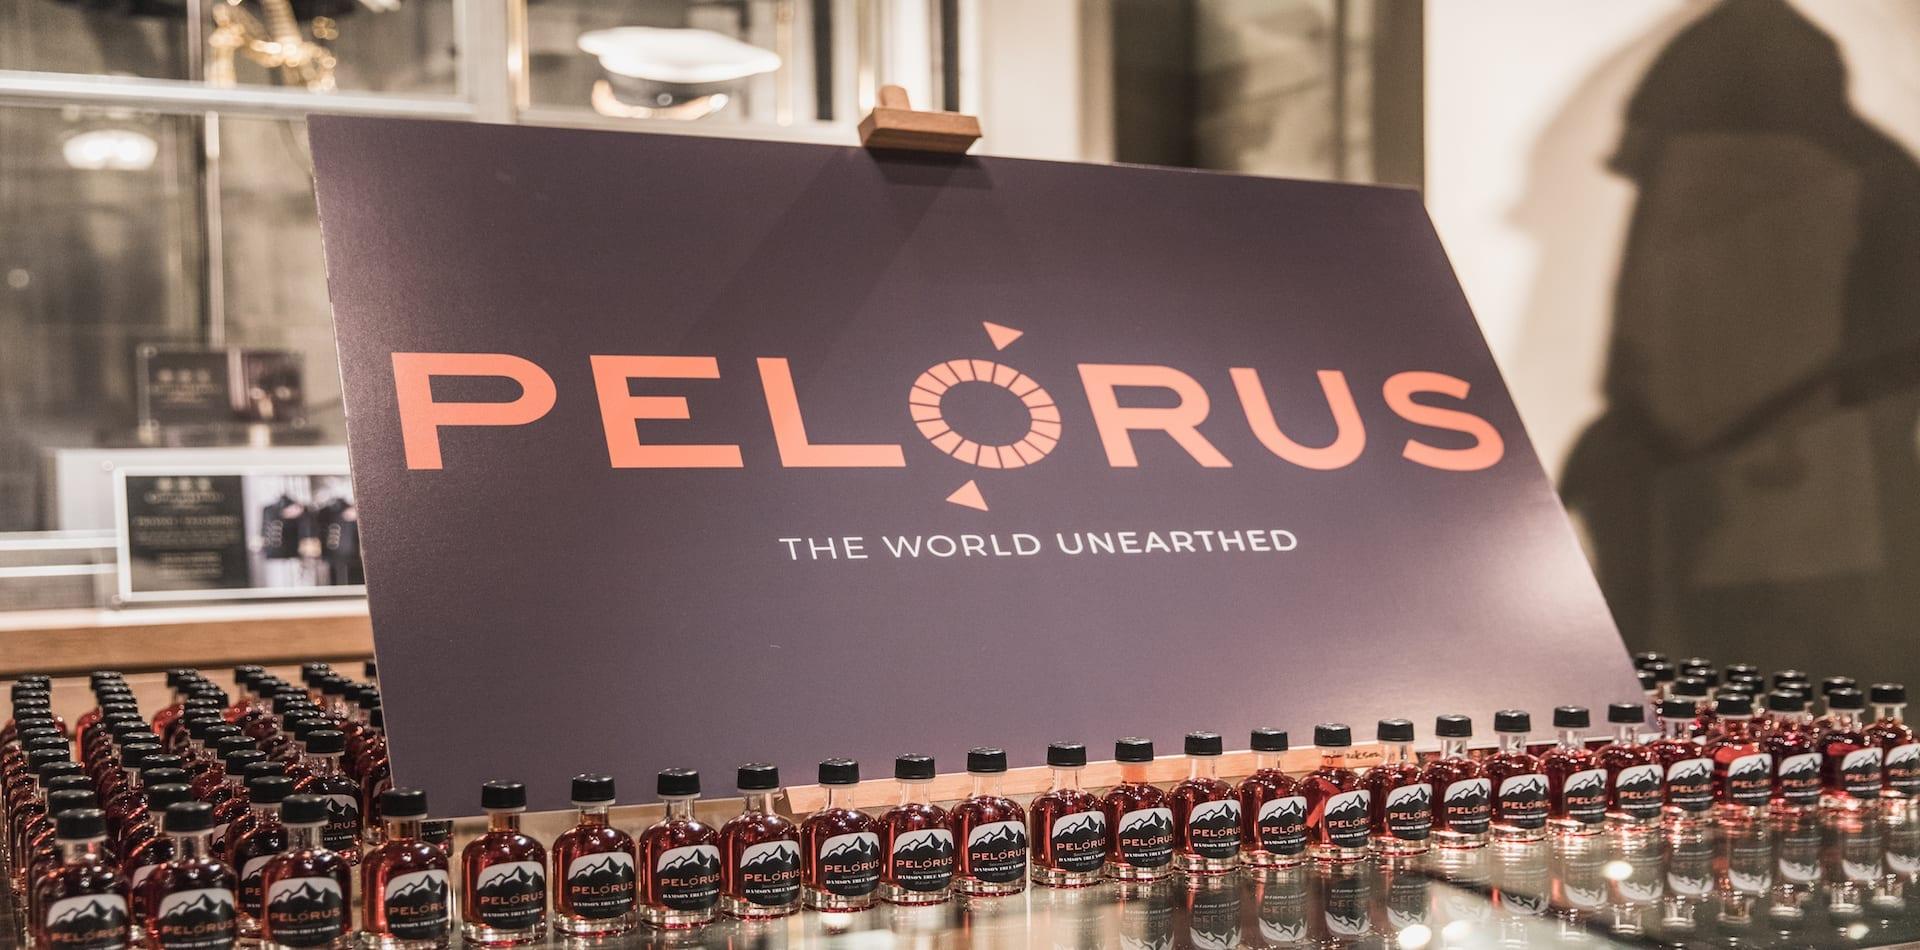 Pelorus Lauch board and slogan